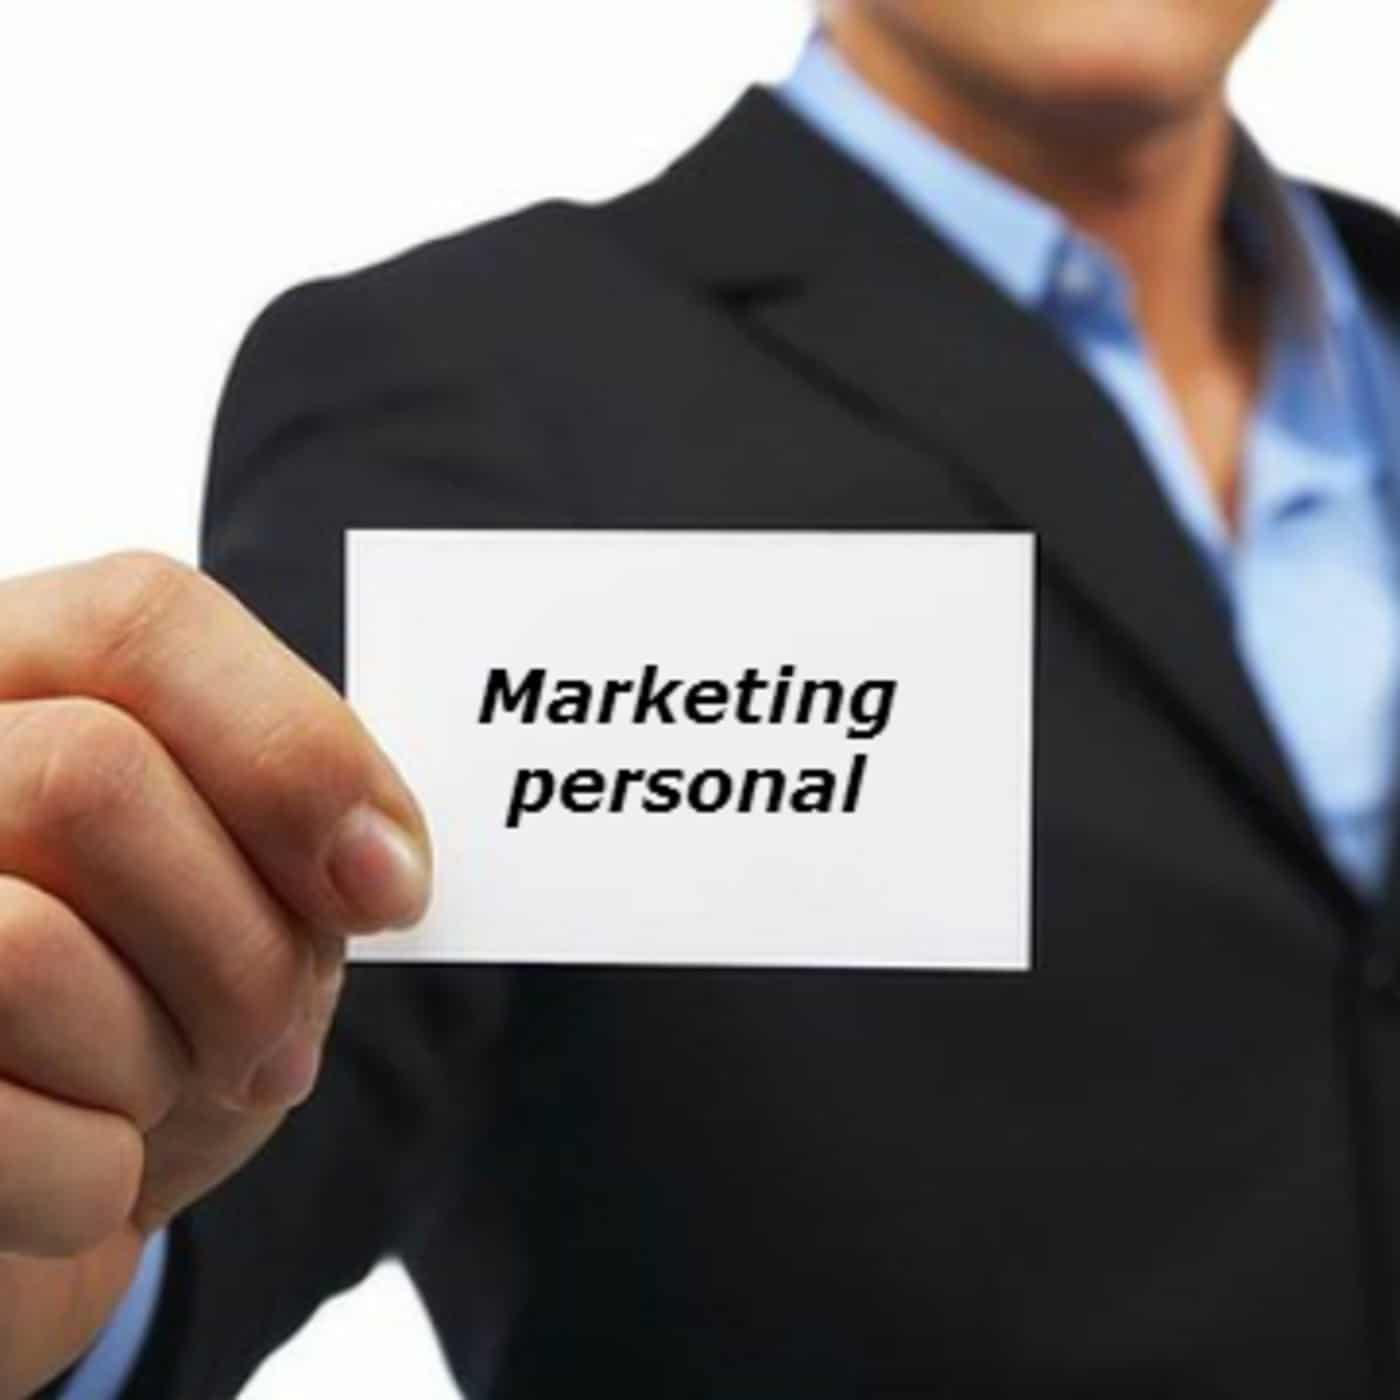 Marketing personal: ¿Qué es? ¿Cómo funciona? Ejemplos